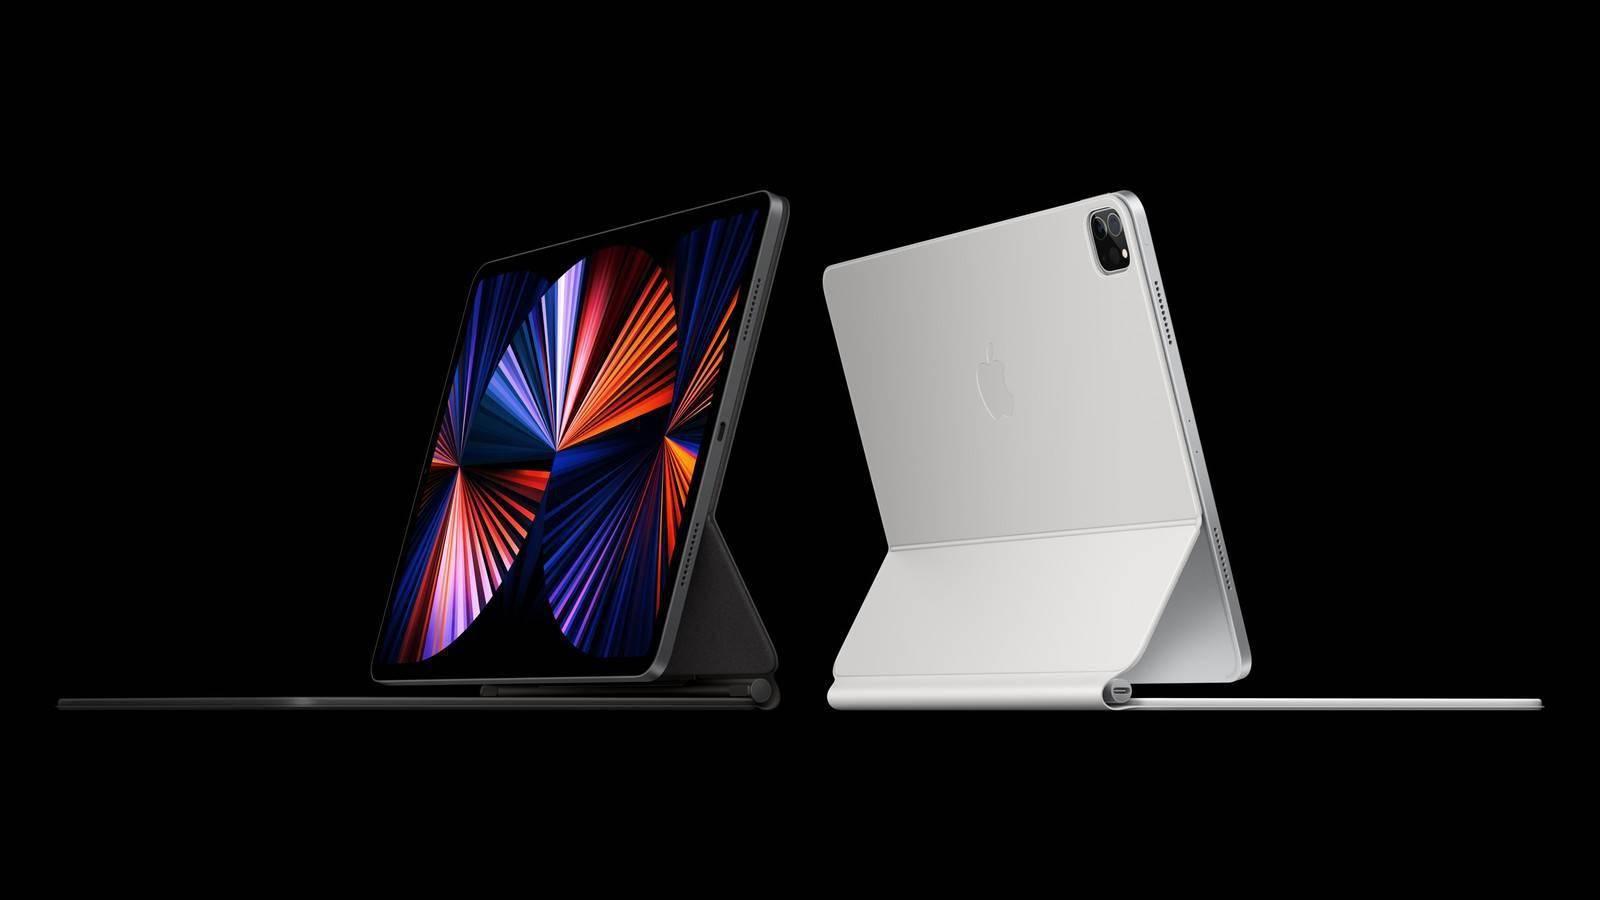 厚度小幅增加 新款12.9英寸iPad Pro不兼容老一代妙控键盘